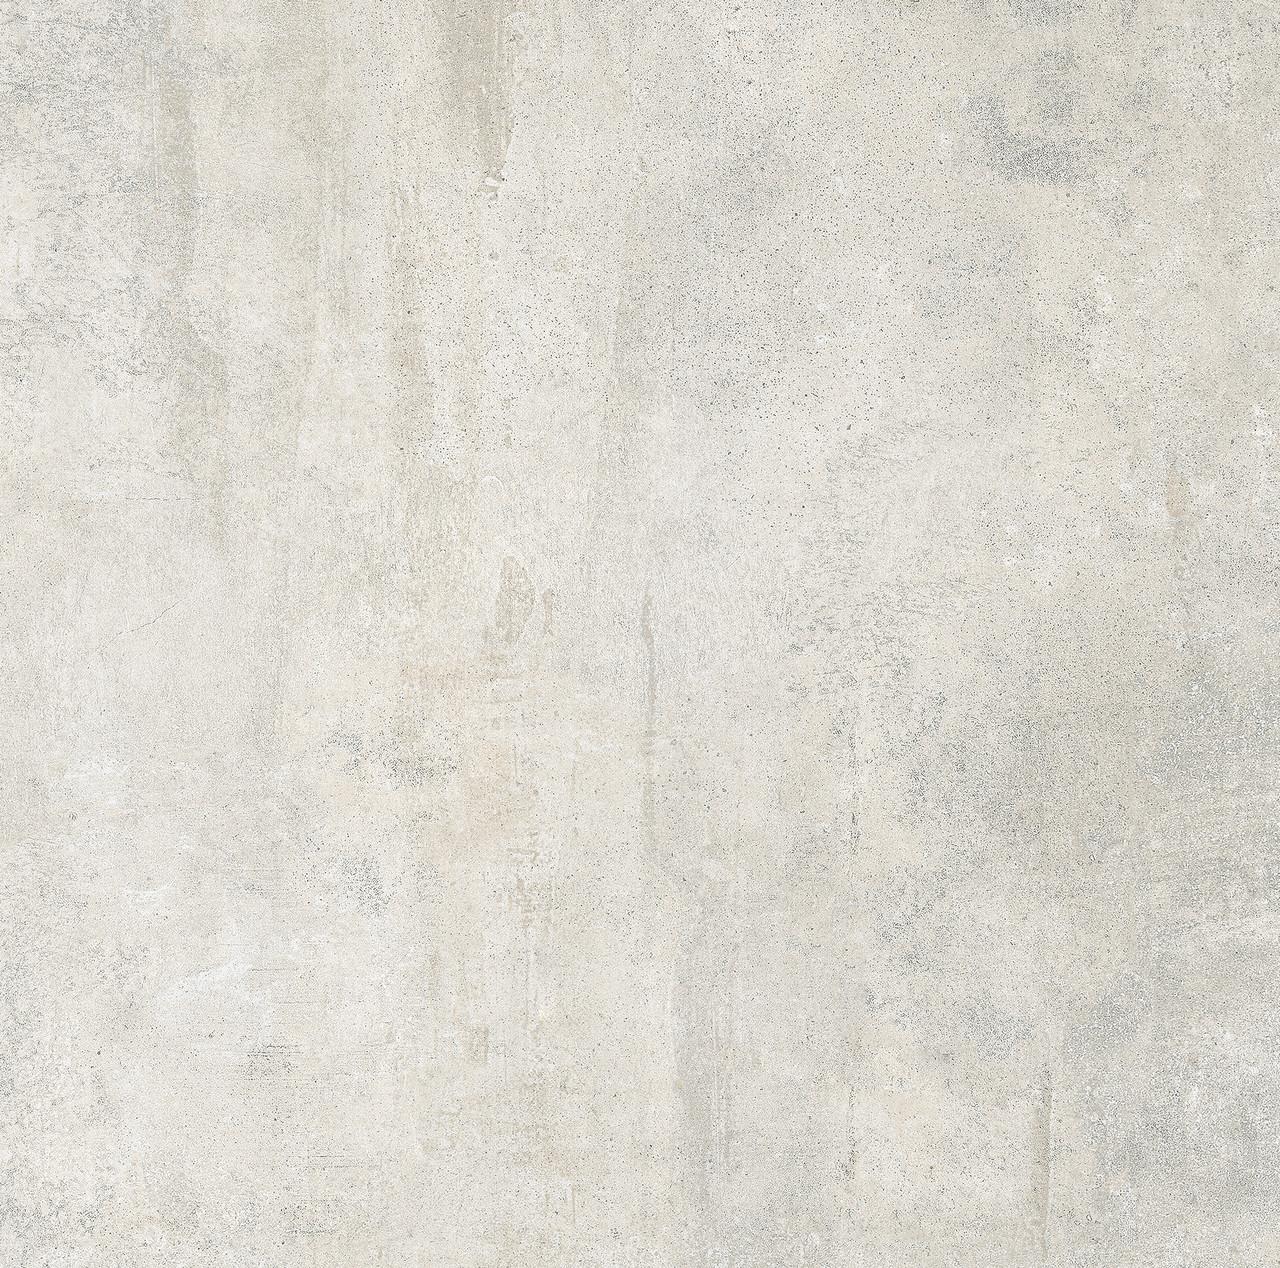 Плитка КЕРАМОГРАНІТ 600x600 R Leiden GRM сорт S